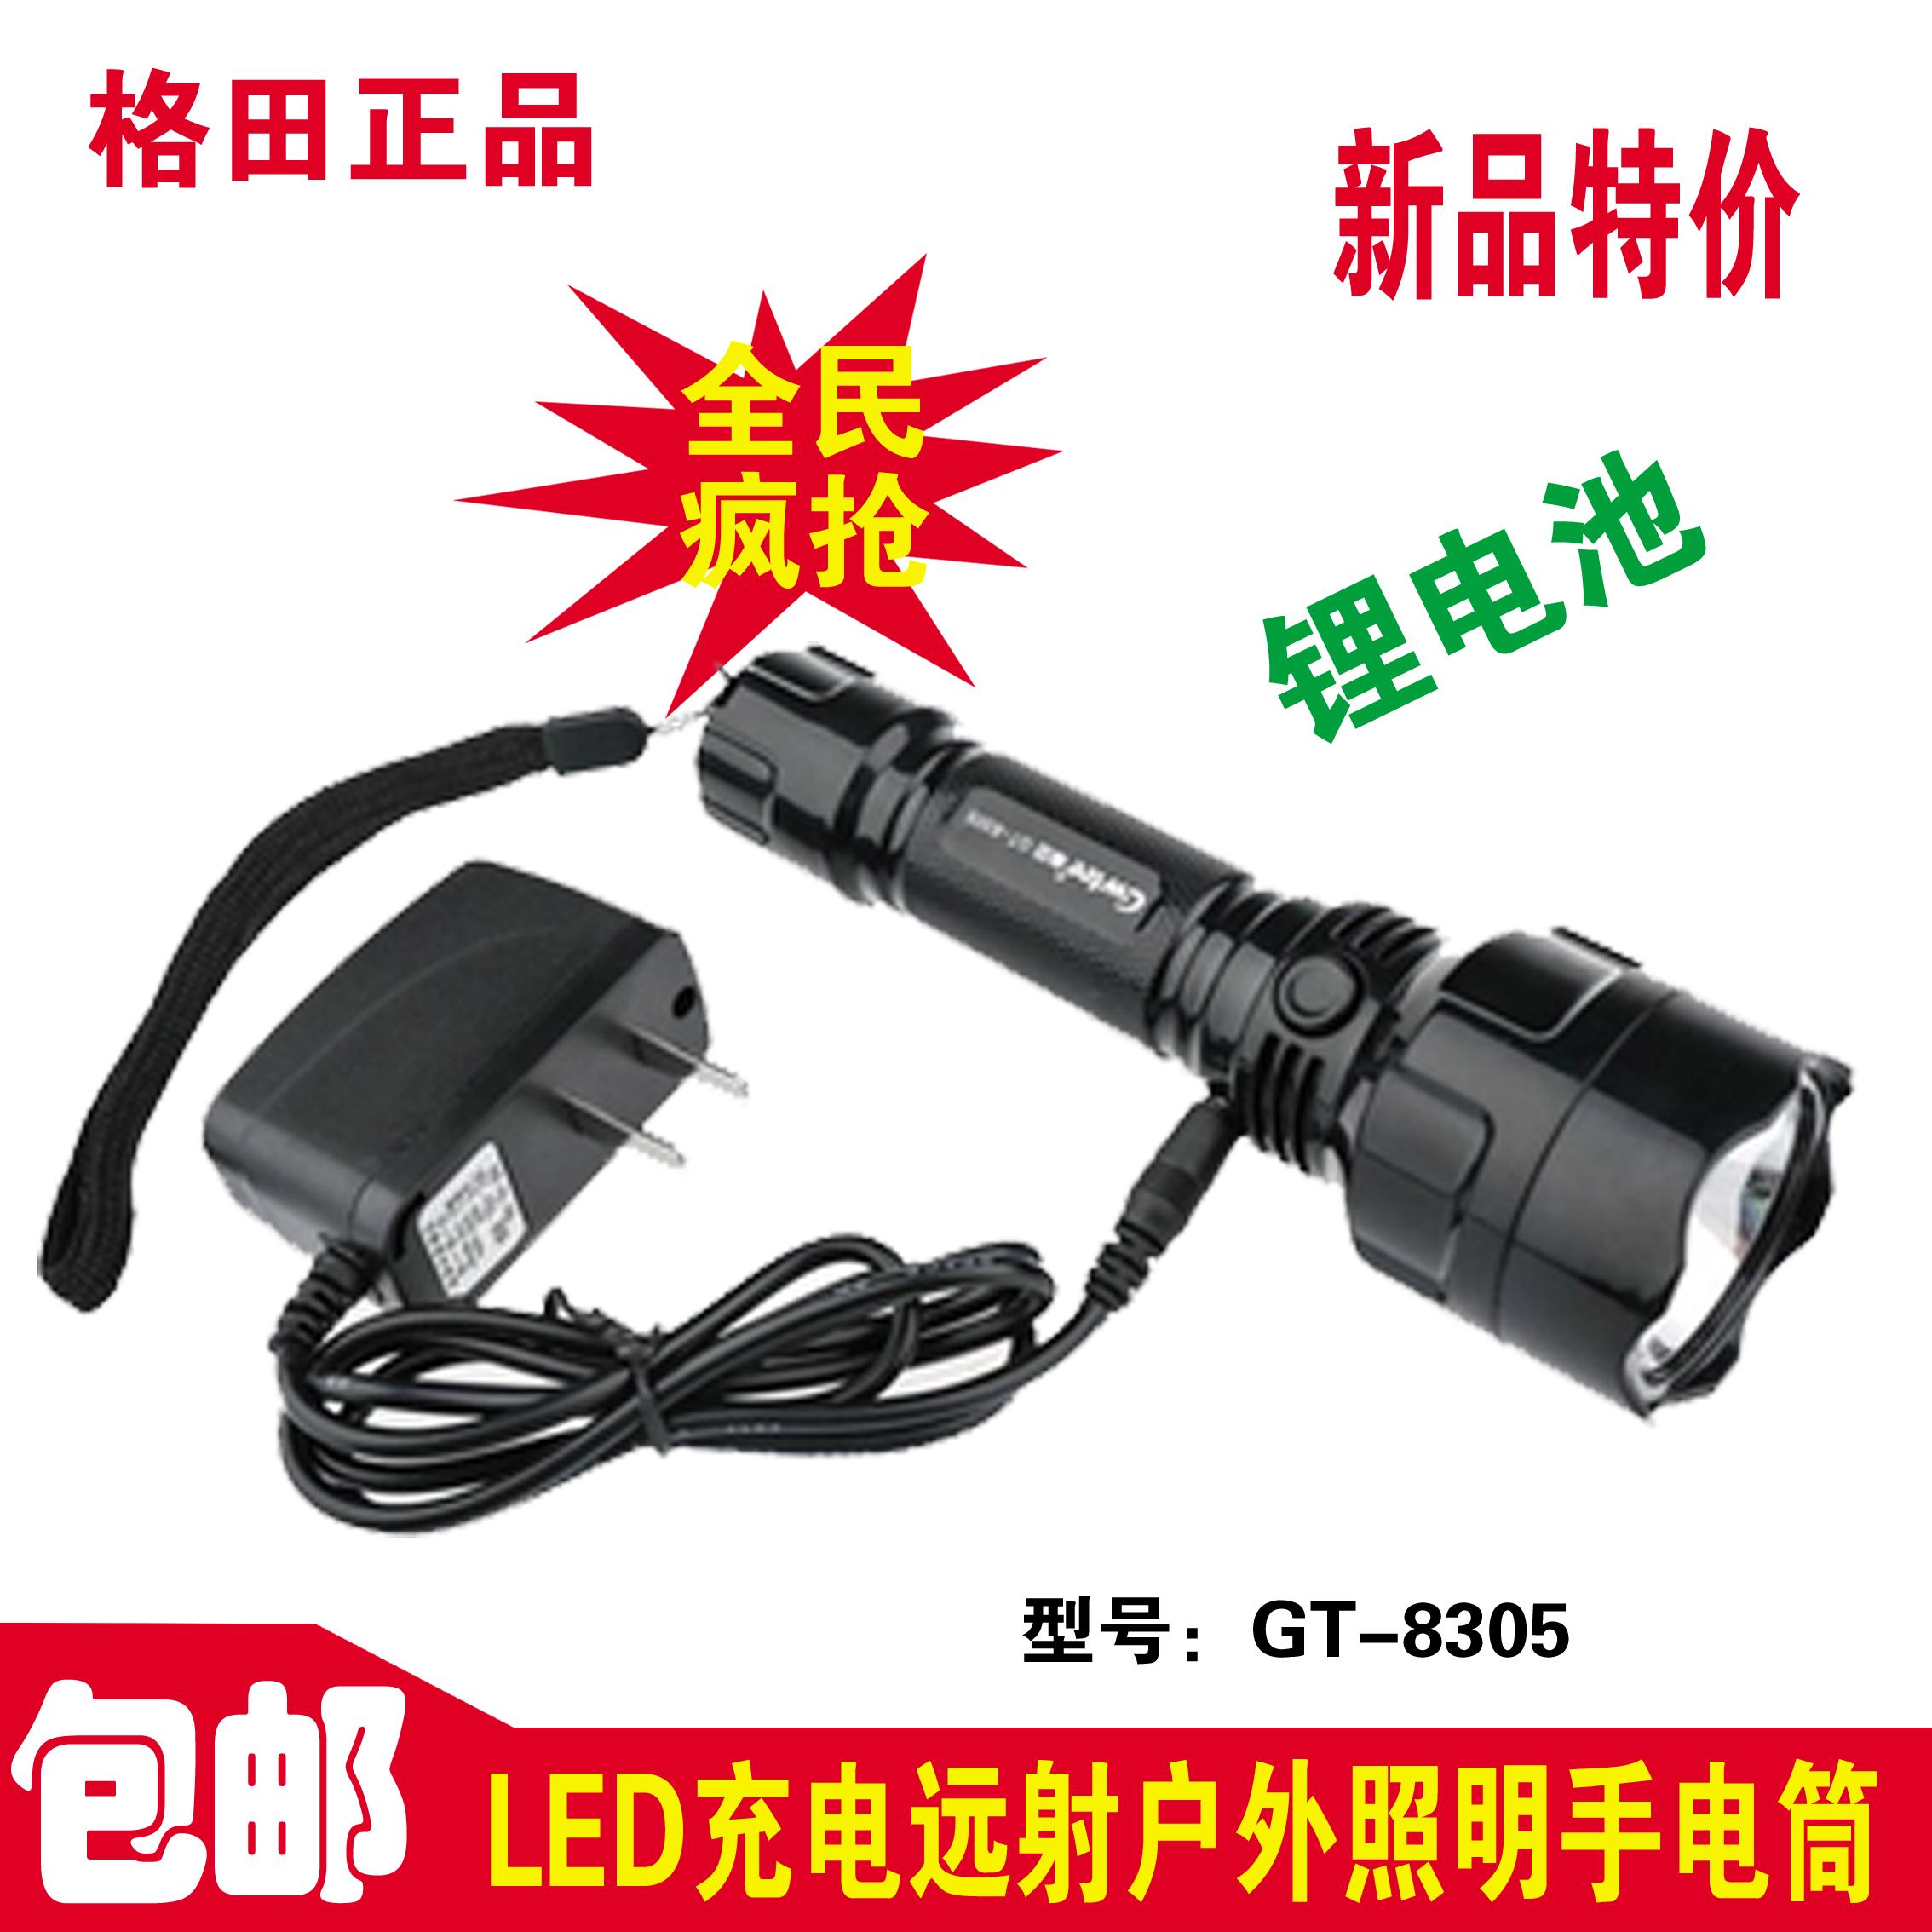 手电筒充电远射照明手电简户外骑行LED正品格田强光天天特价